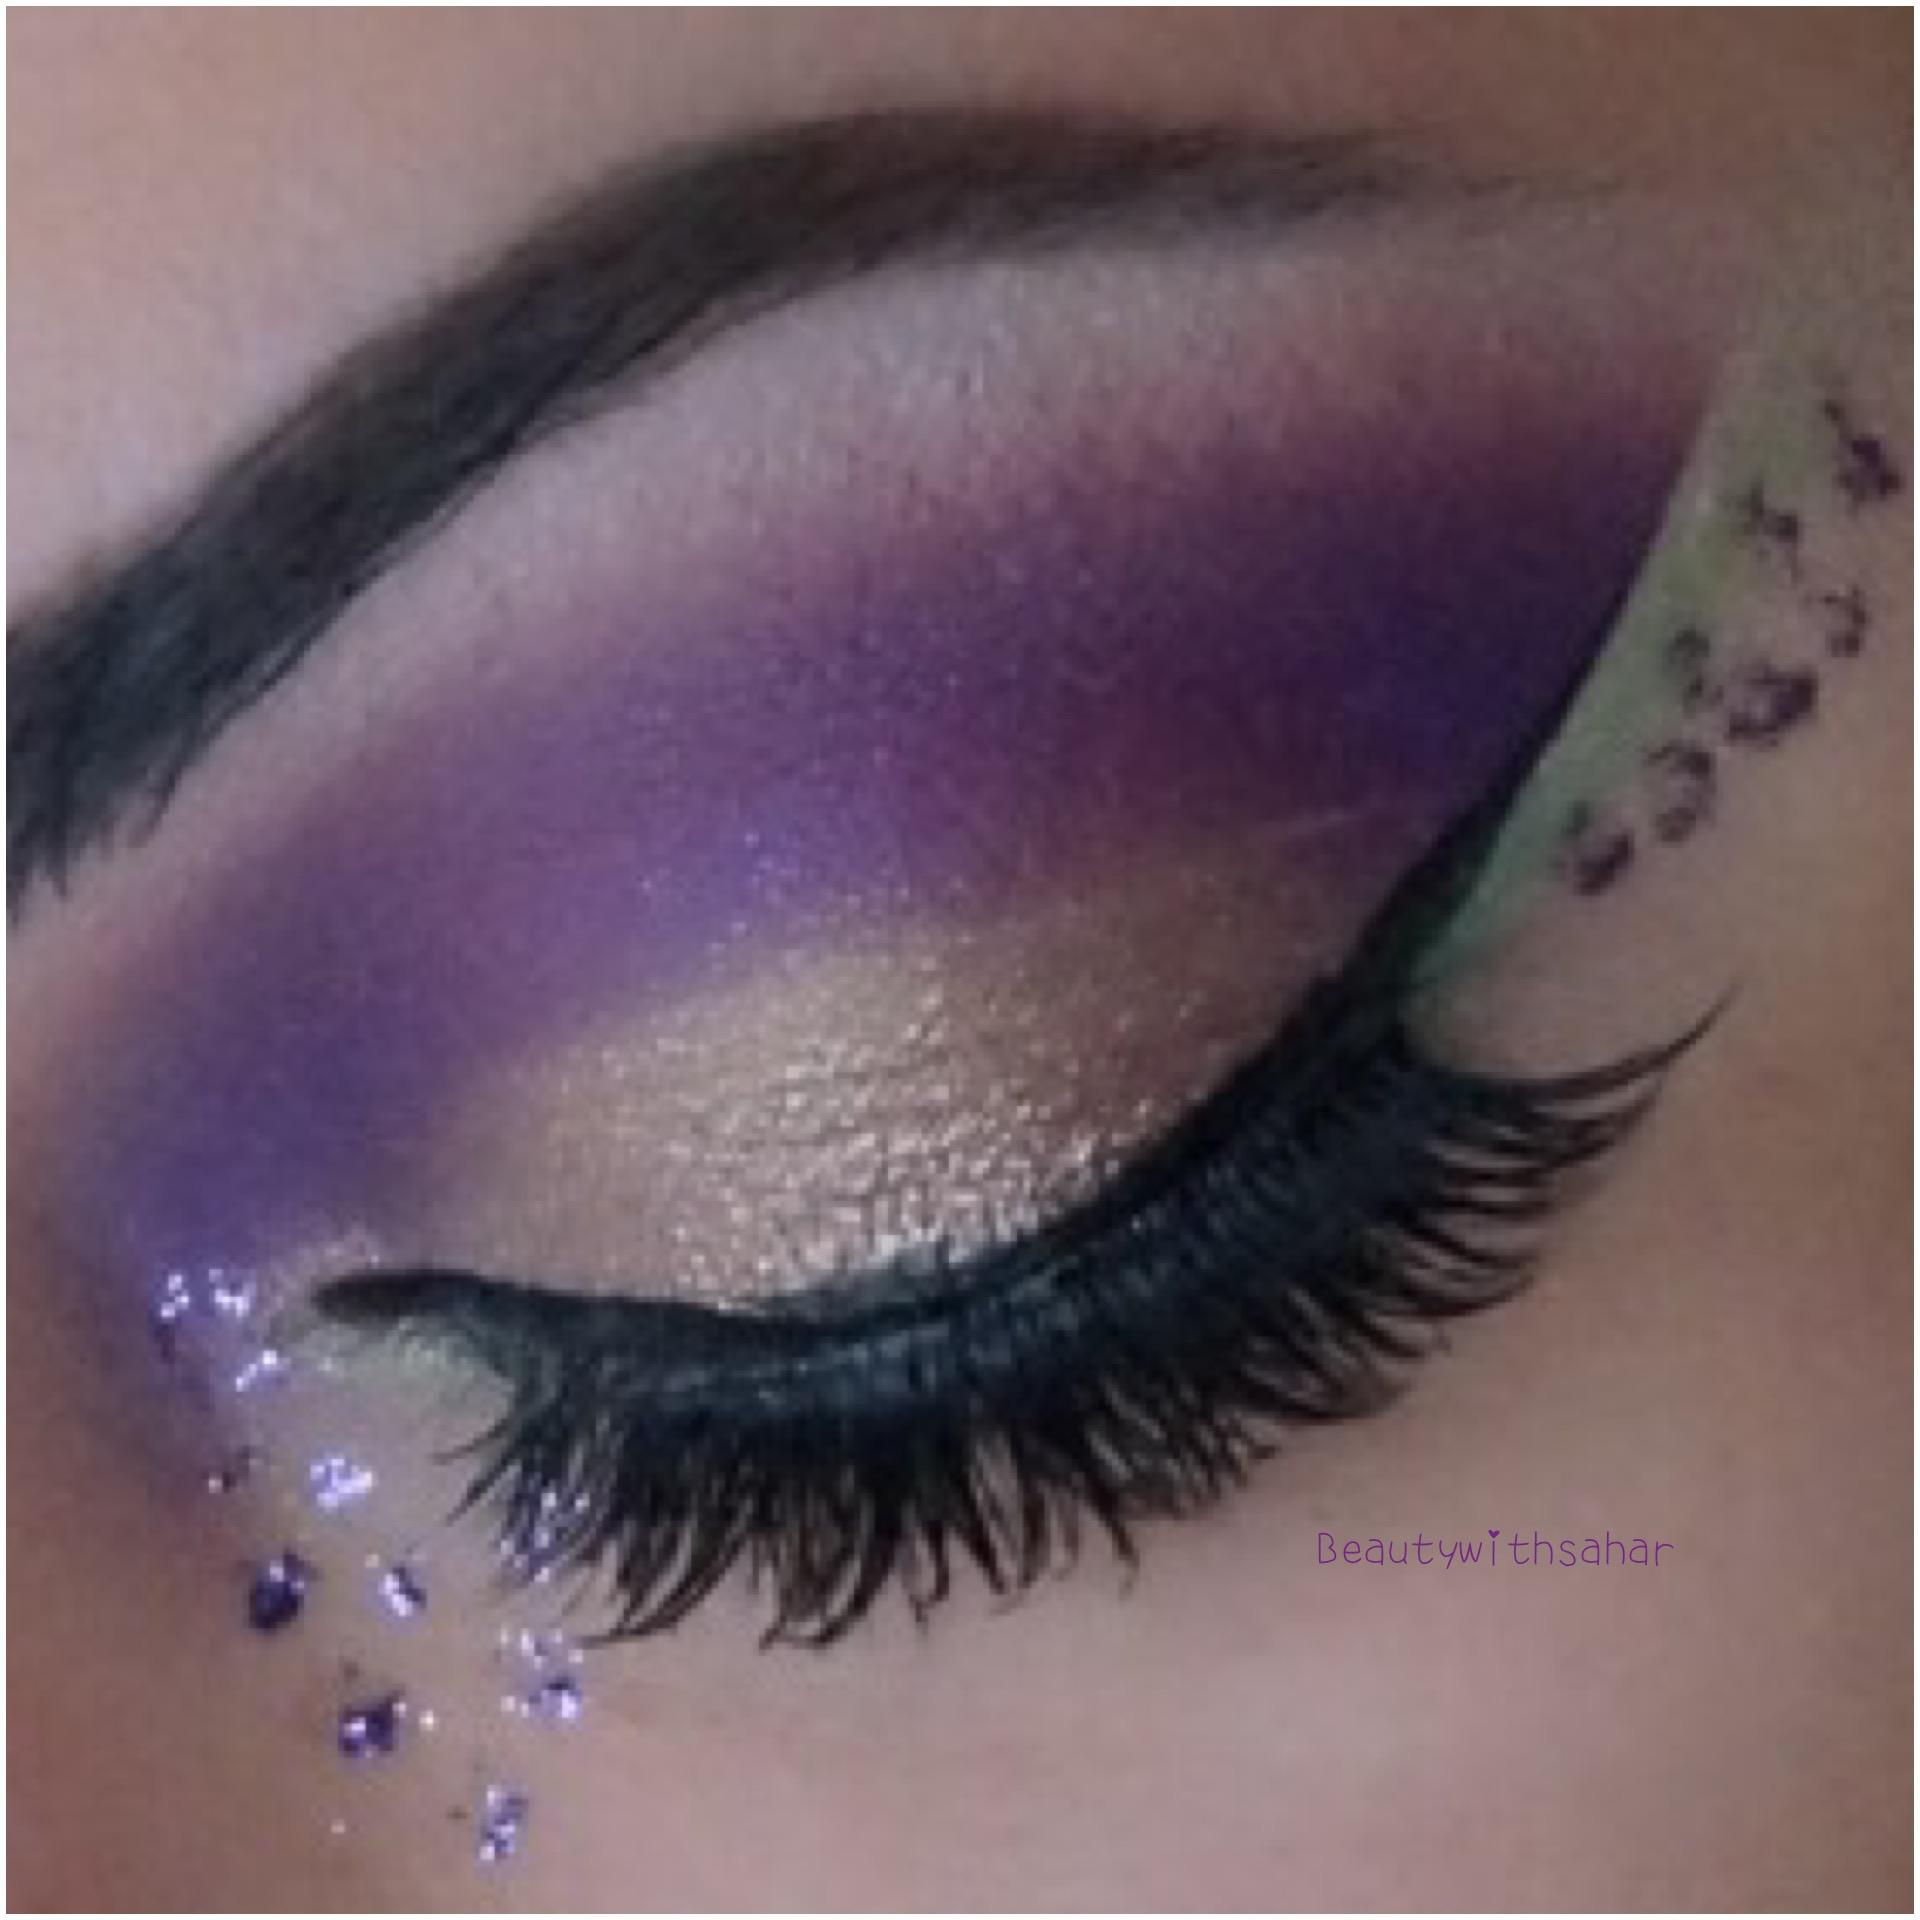 Mardi Gras Makeup Beautywithsahar